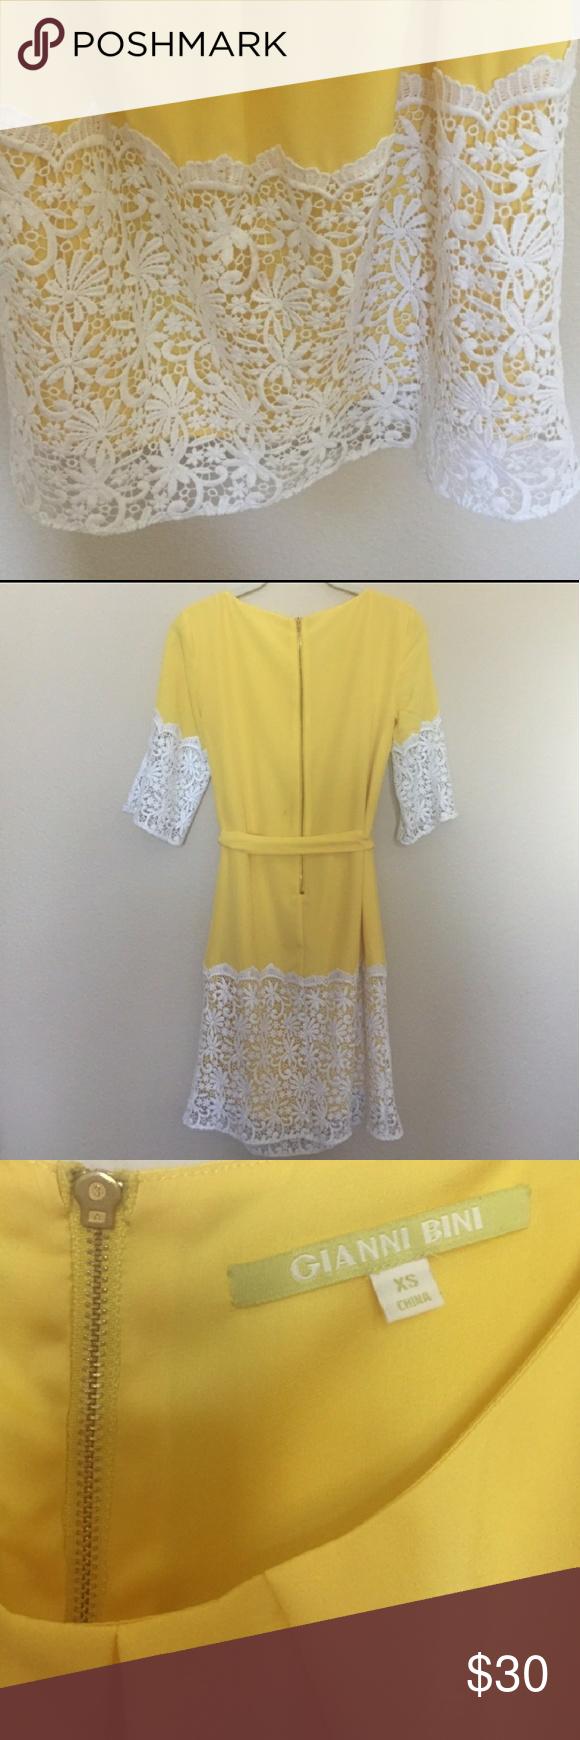 Gianni bini yellow lace dress xs lace detail lace dress and detail